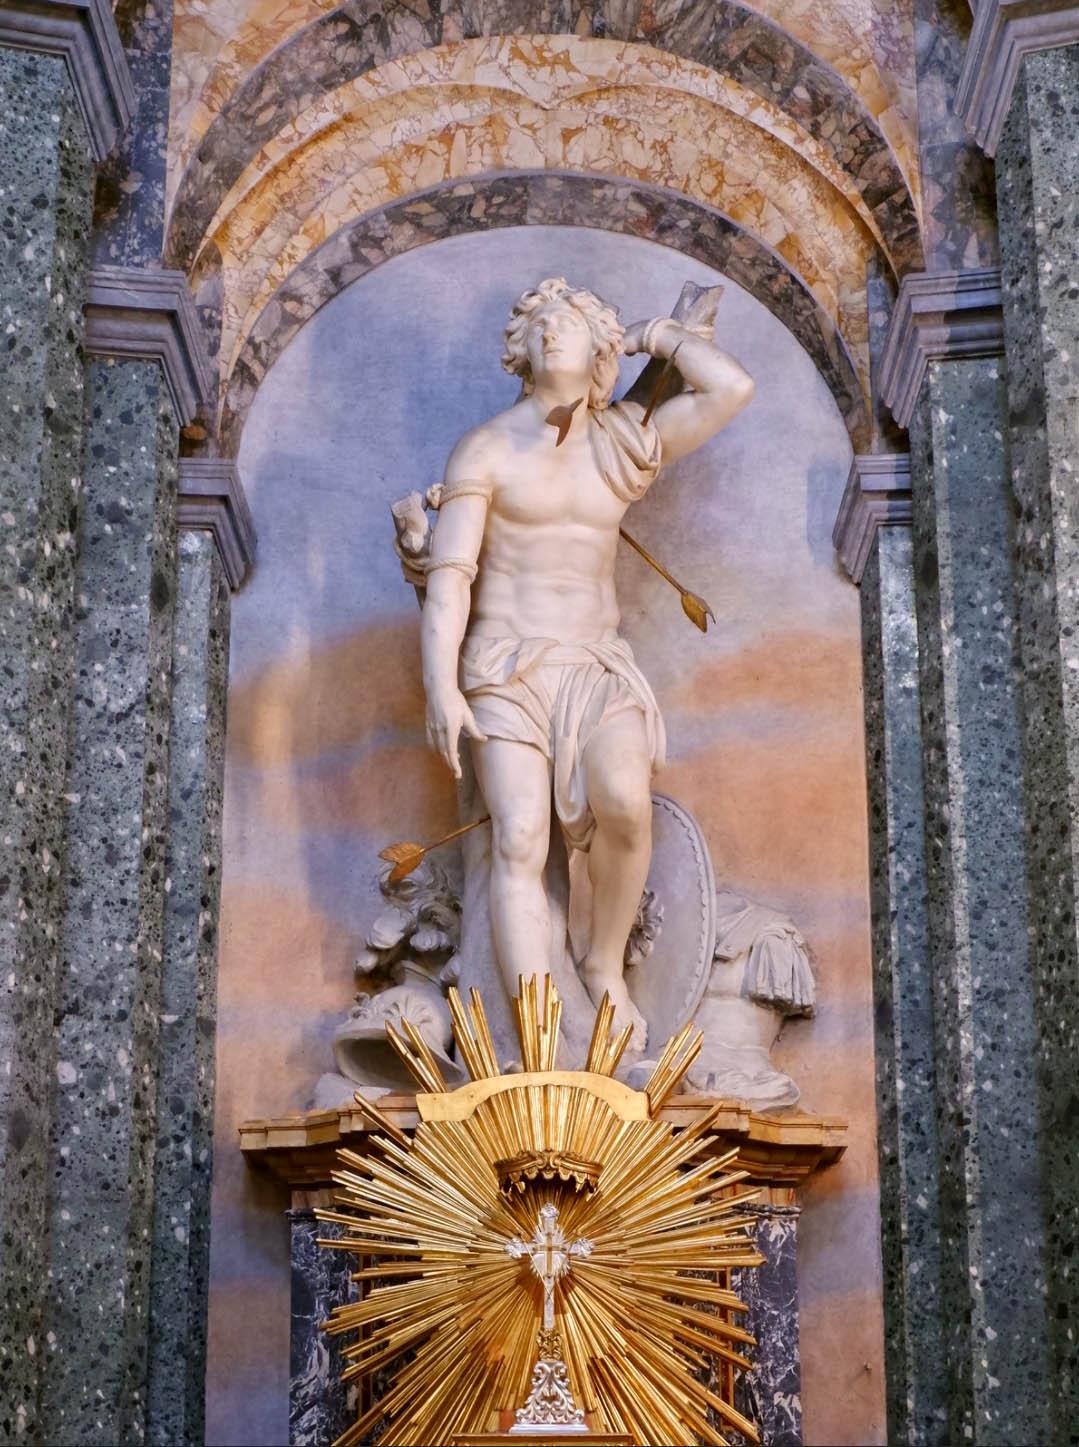 San Sebastiano in Basilica Santa Agnese in Agone